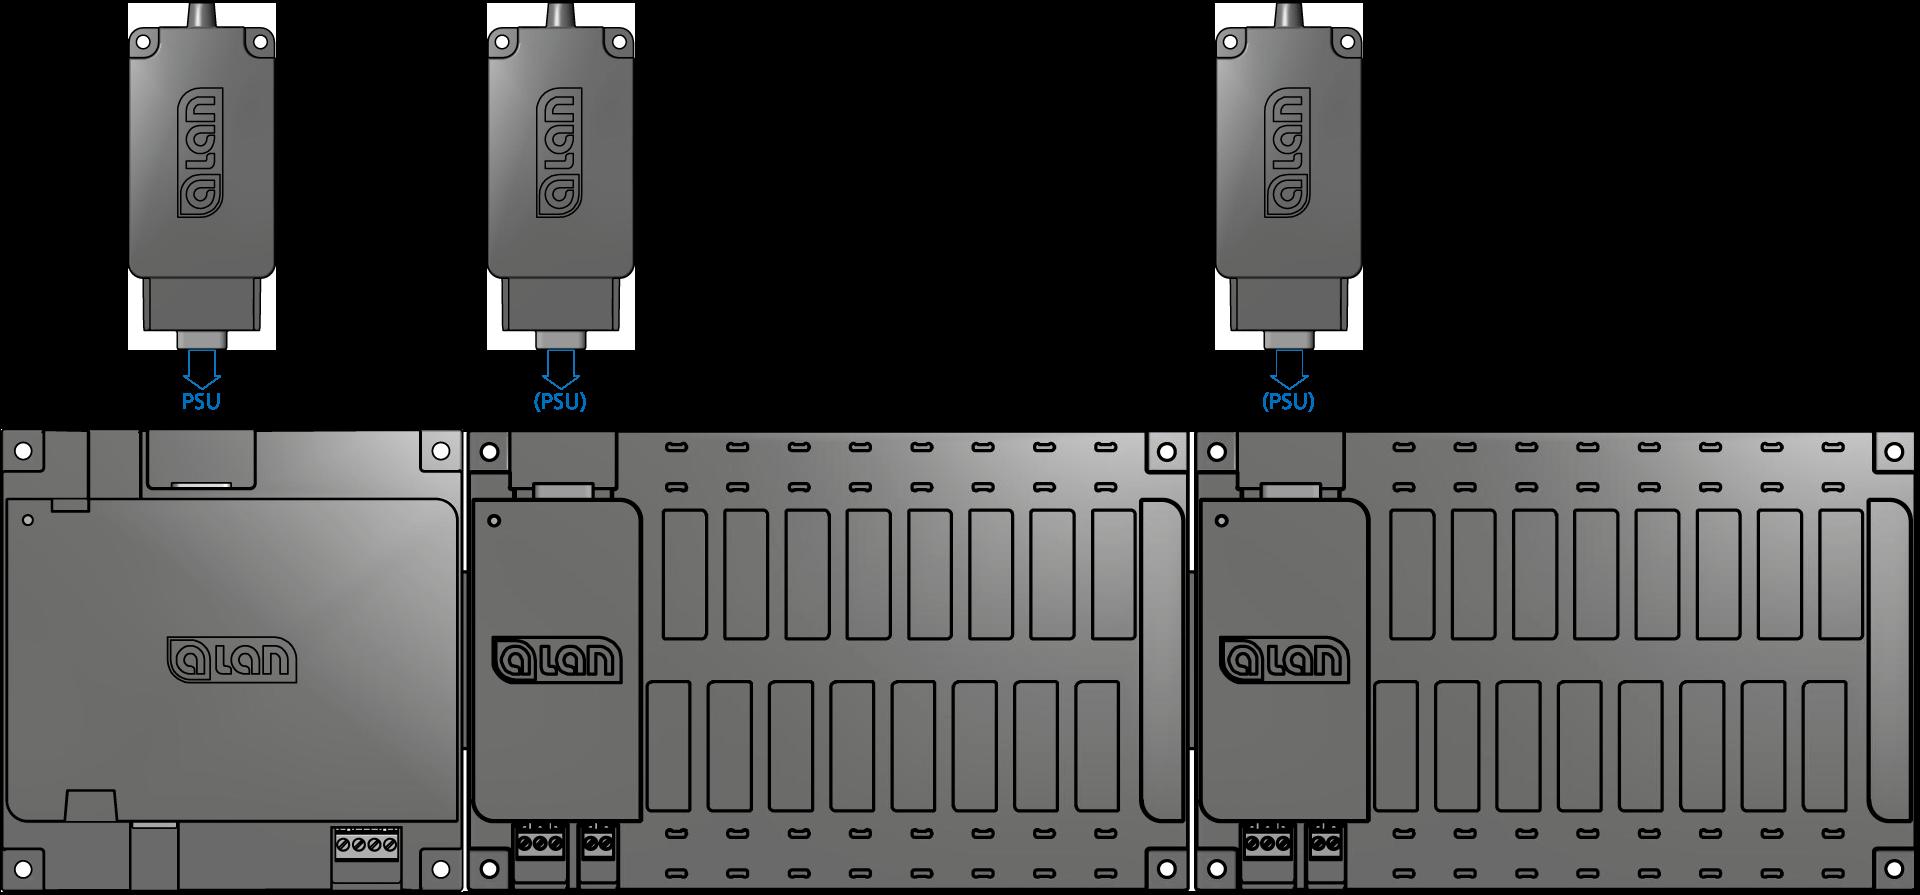 ALAN Montage Einstecken Netzteil PSU in BRAIN oder BASE